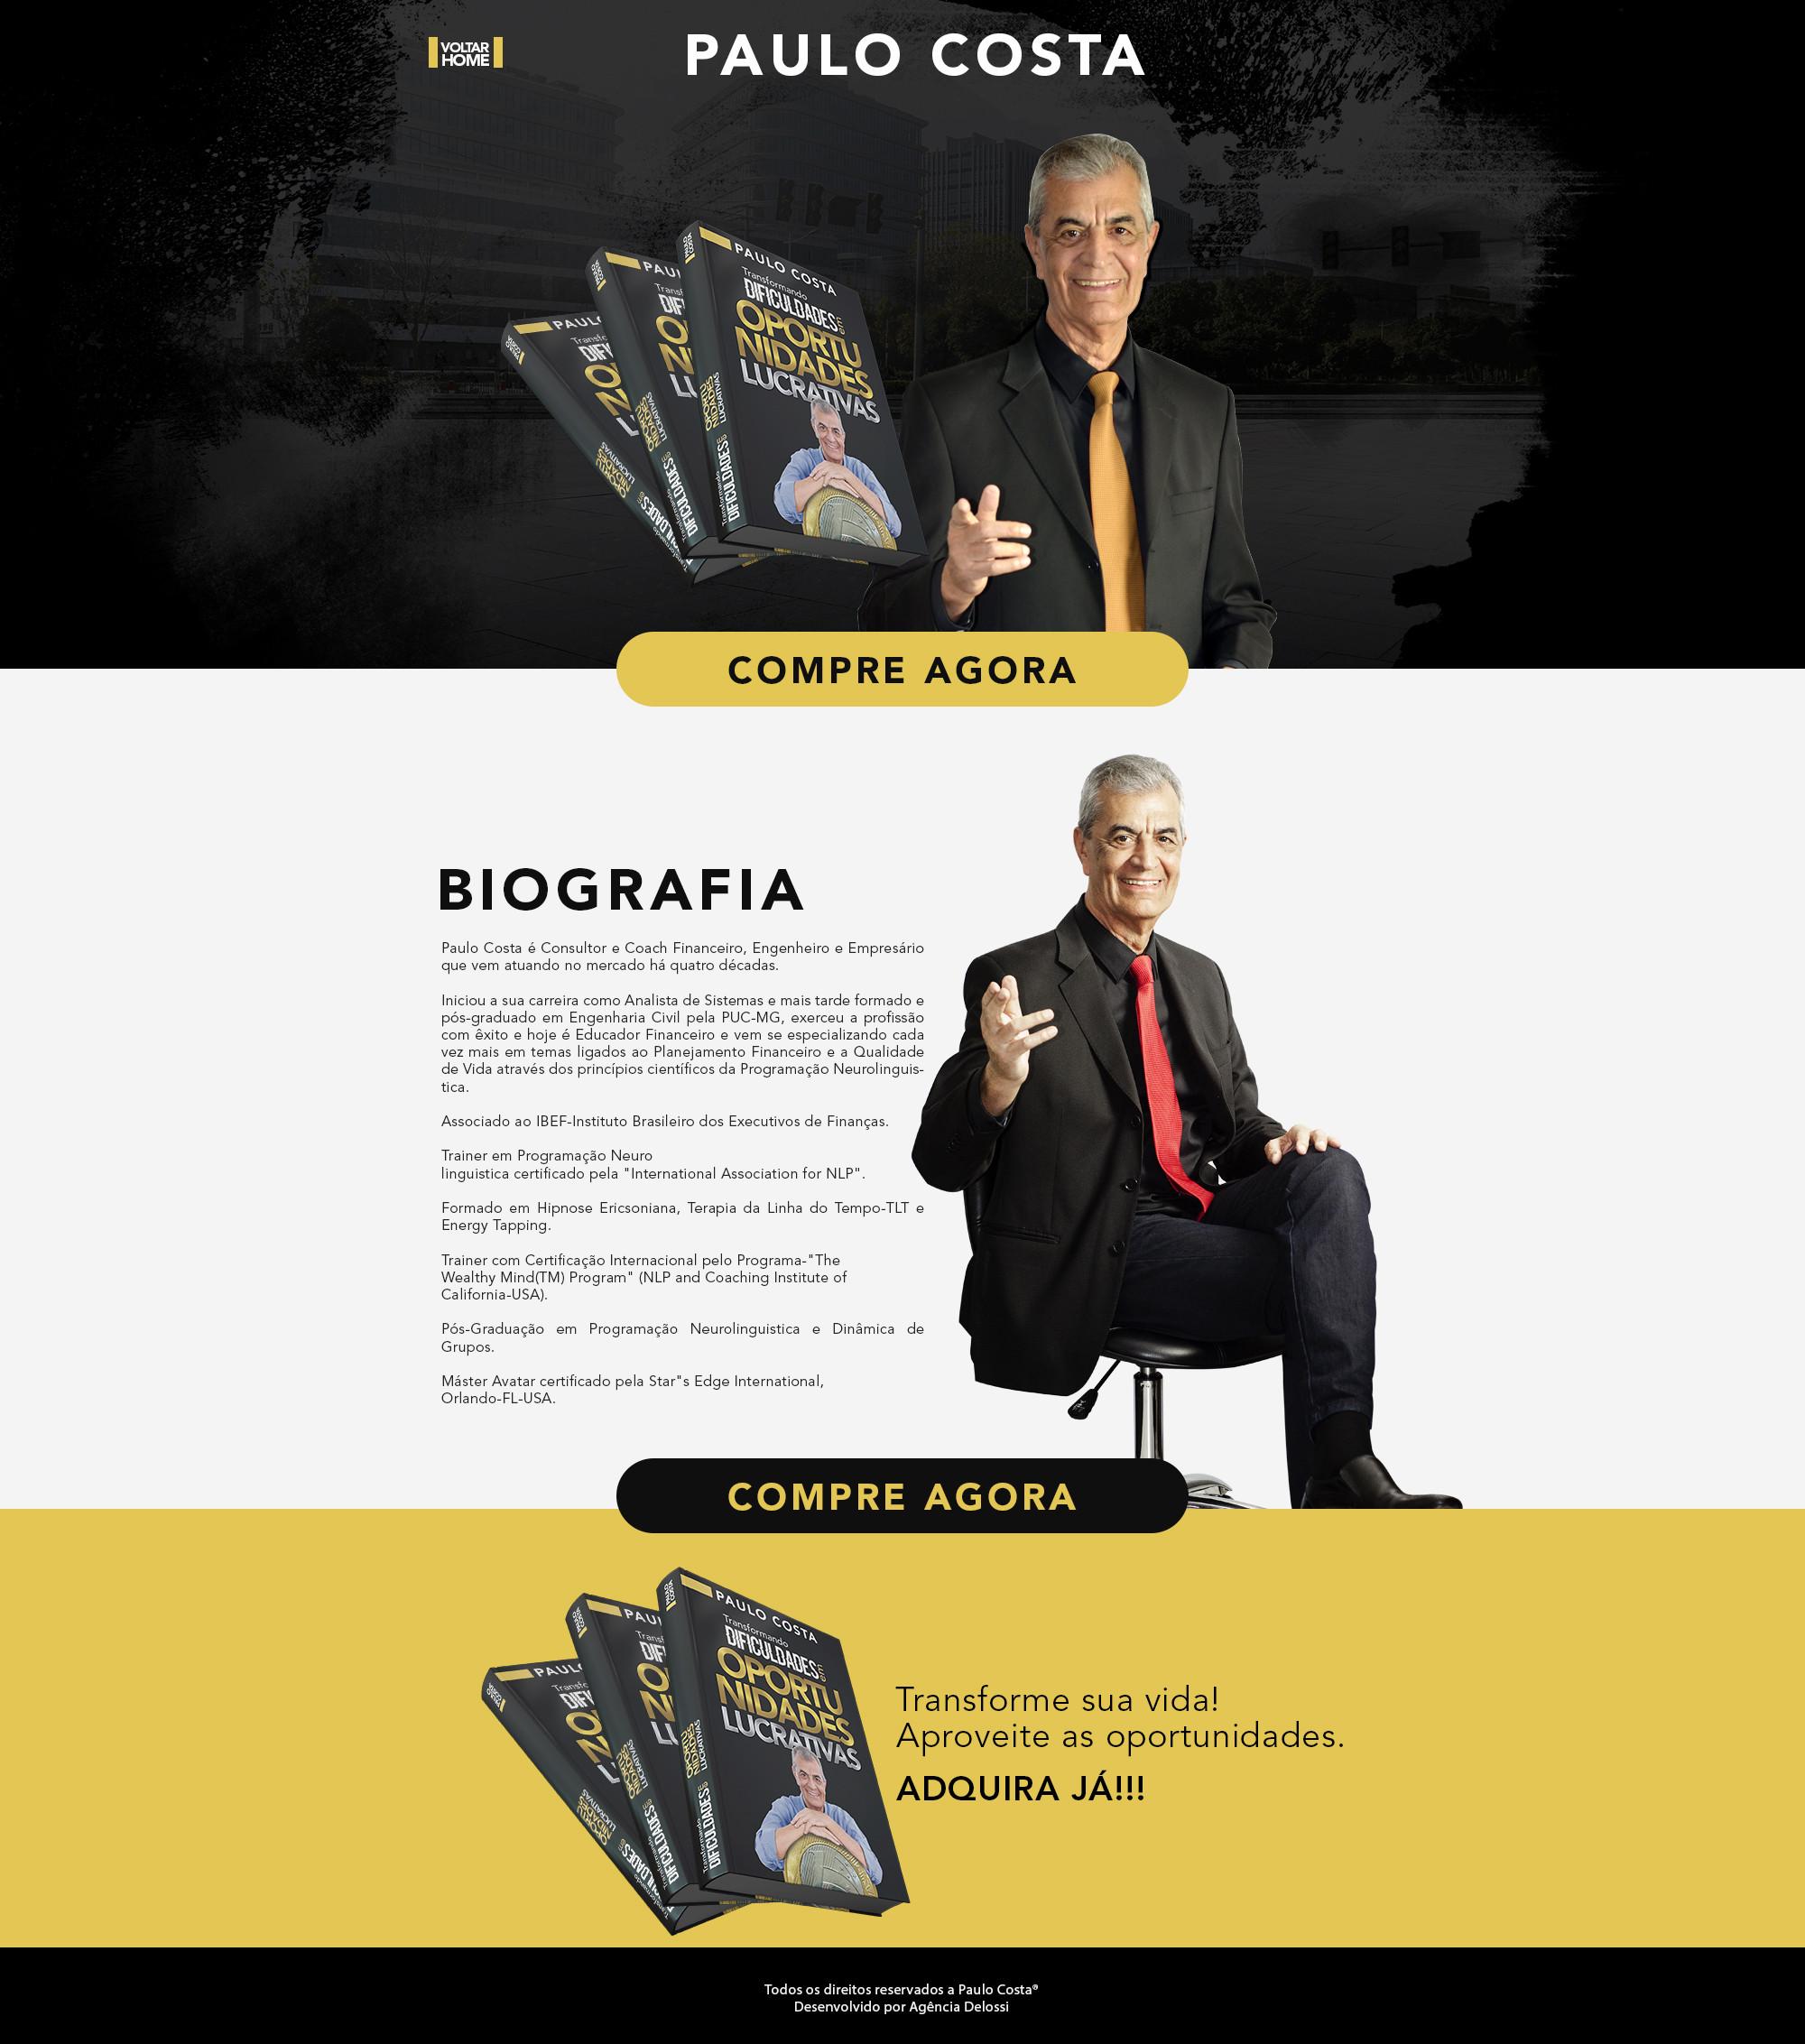 pagina de vendas.jpg